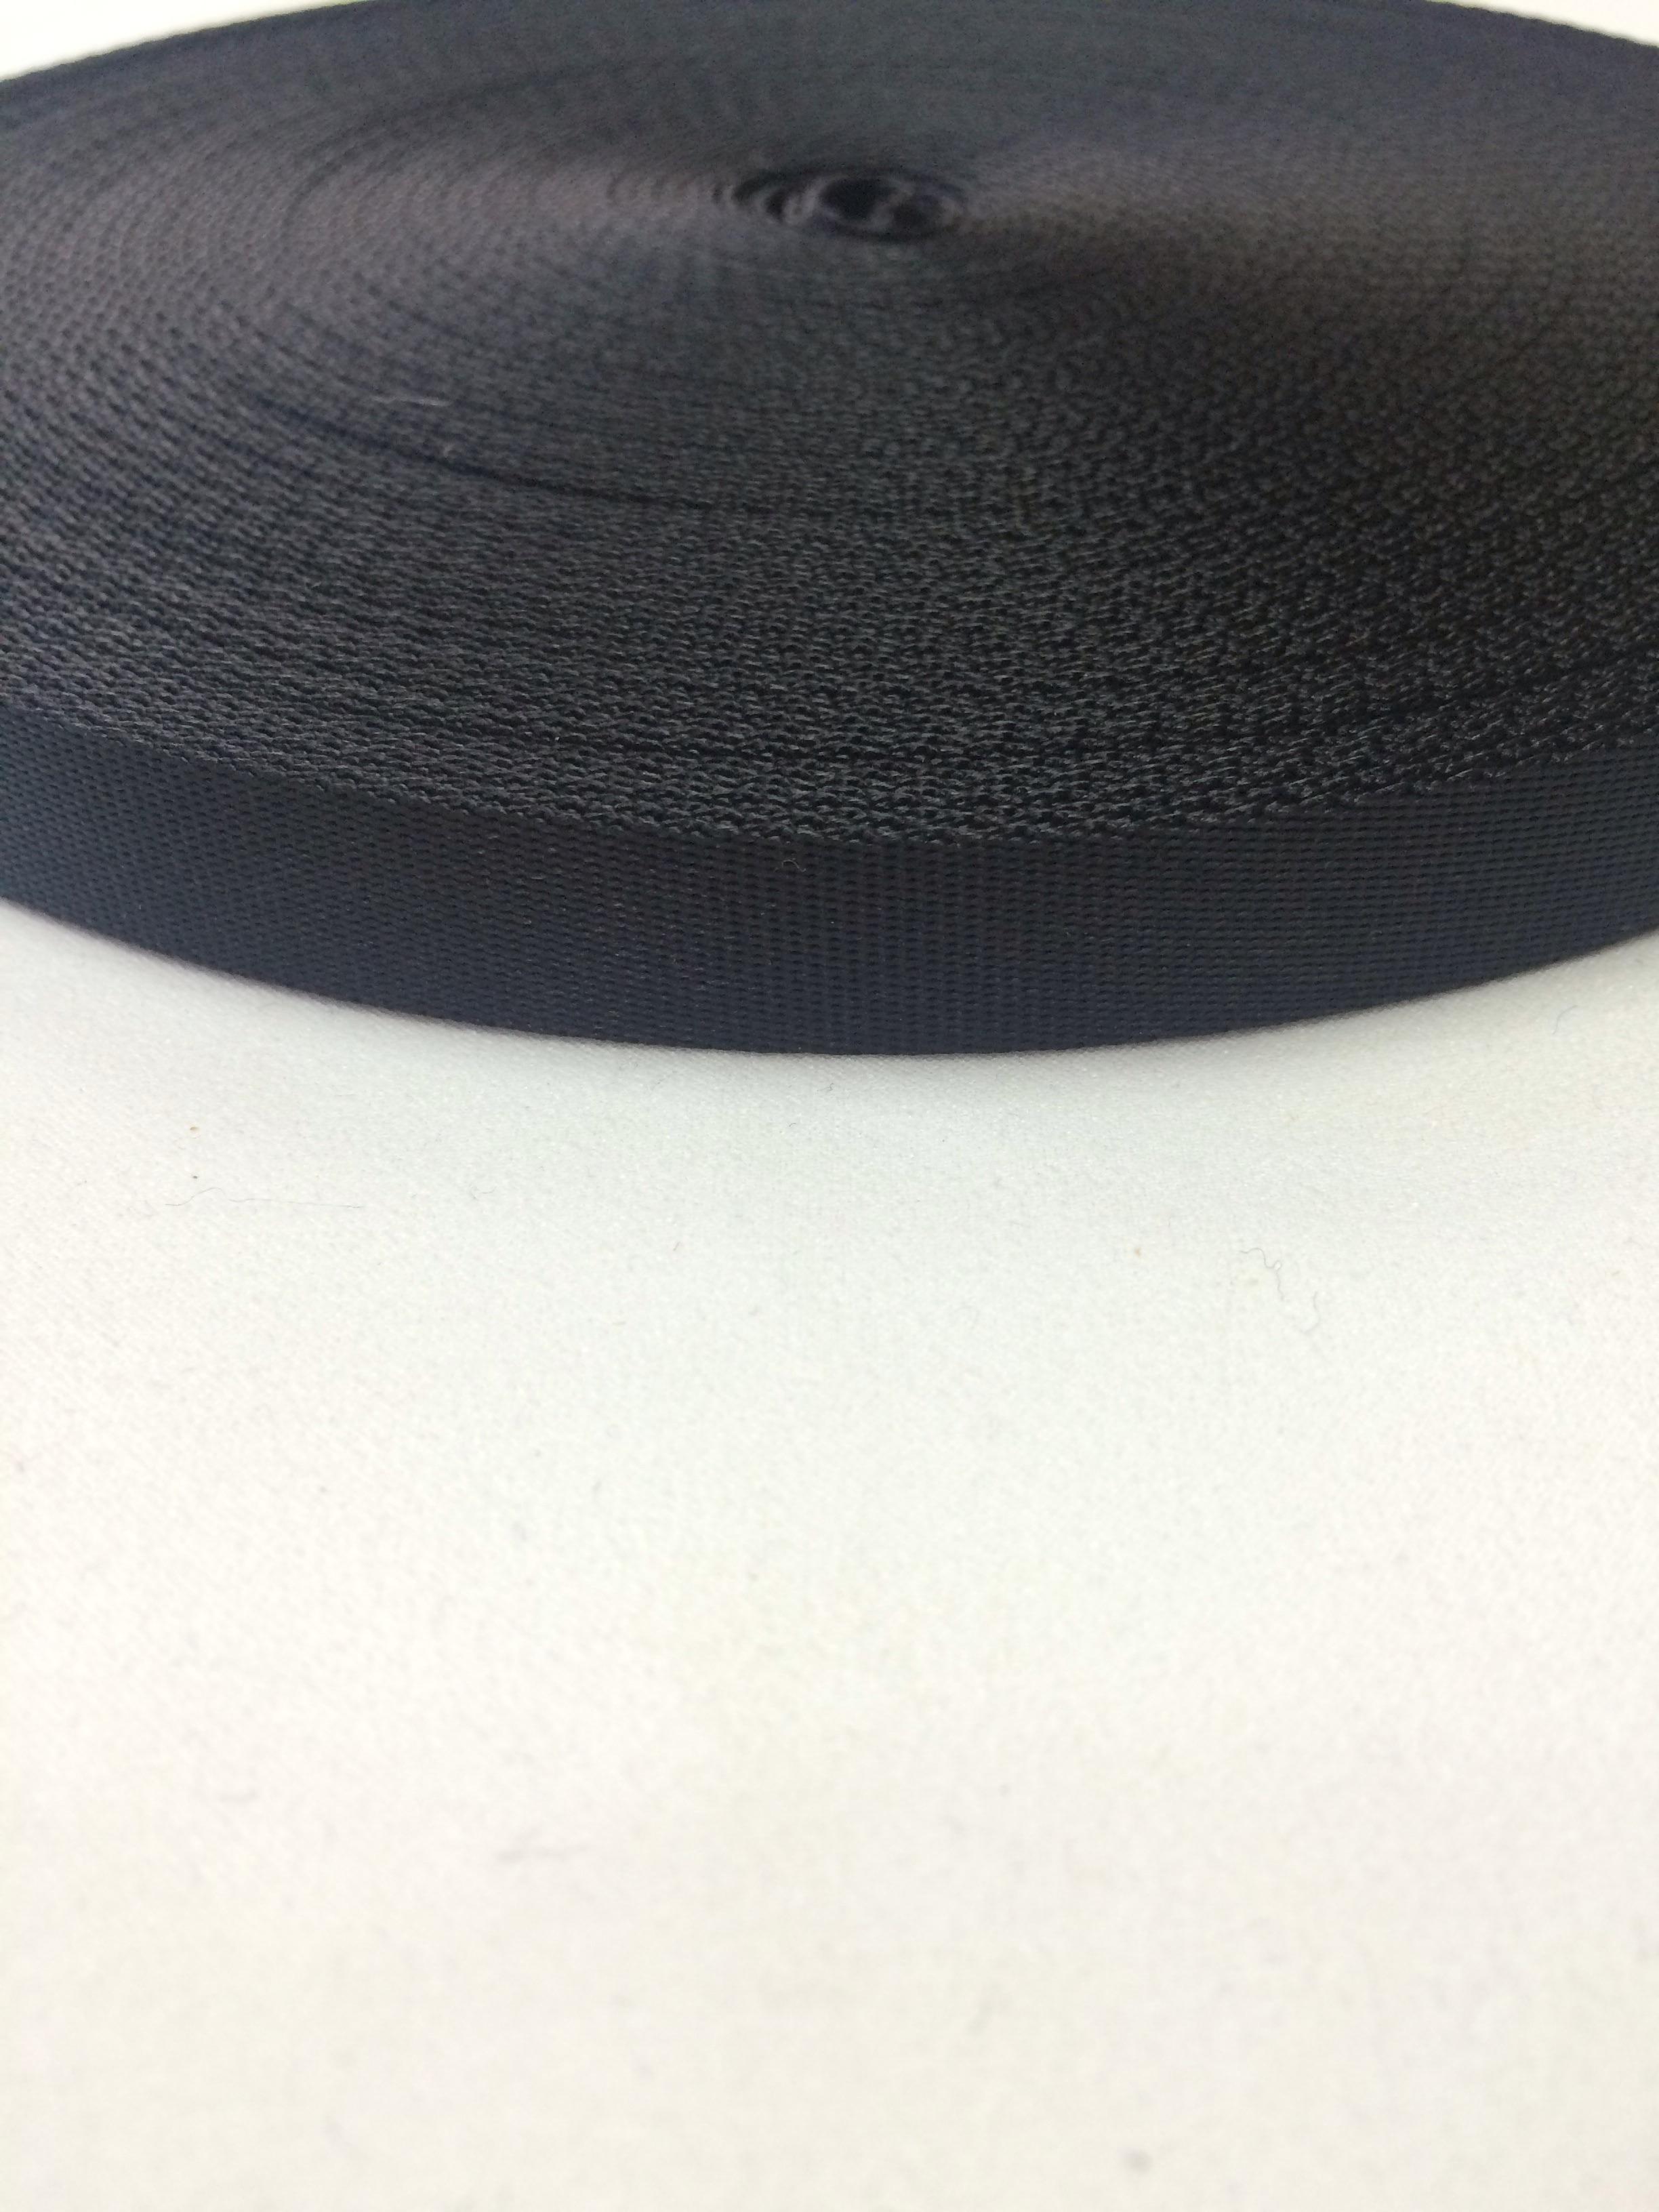 ナイロン  流綾織  20mm幅  1.1m厚 黒 5m